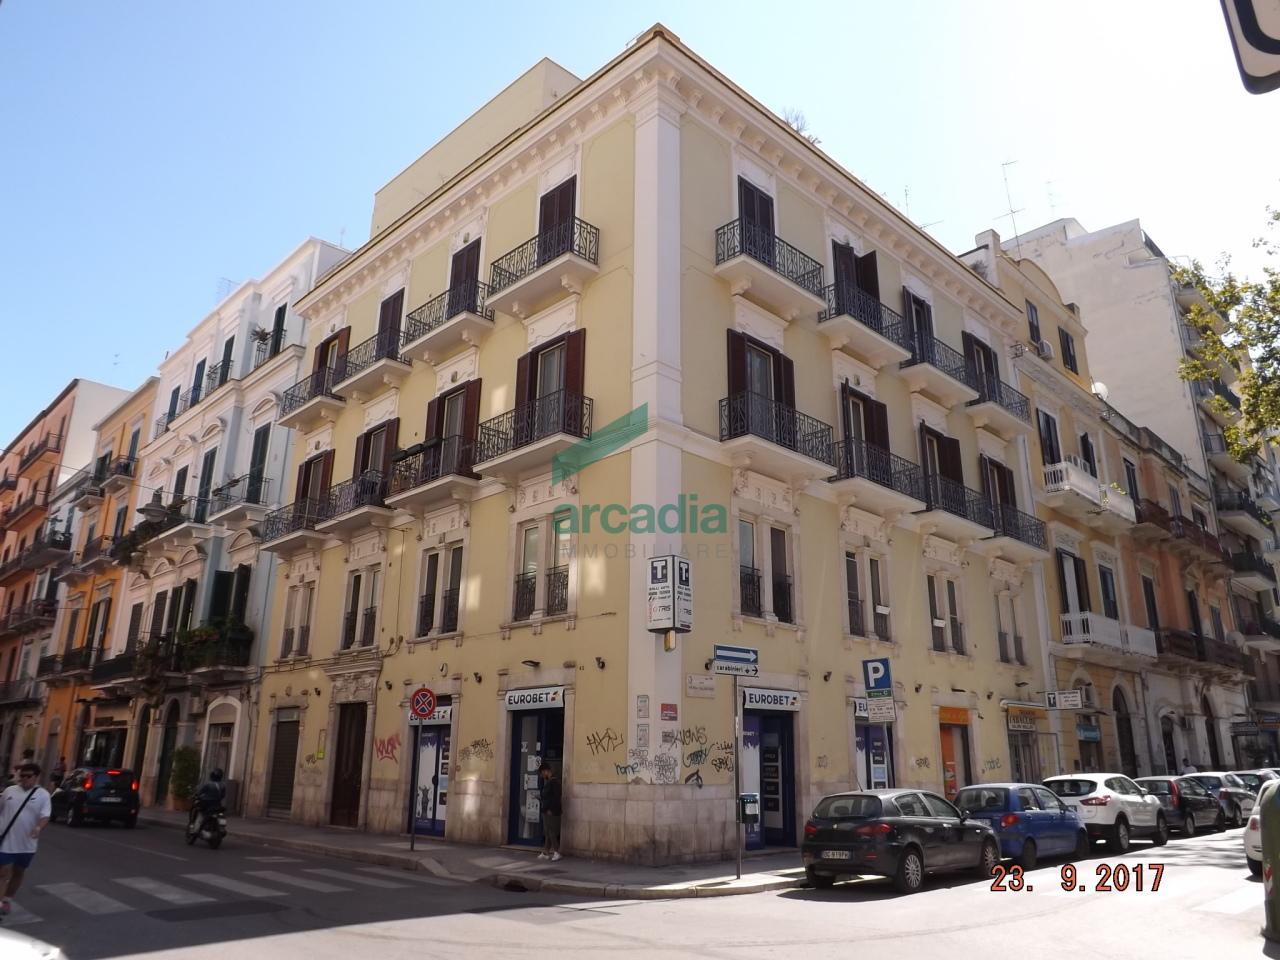 Attico / Mansarda in affitto a Bari, 4 locali, prezzo € 900 | CambioCasa.it